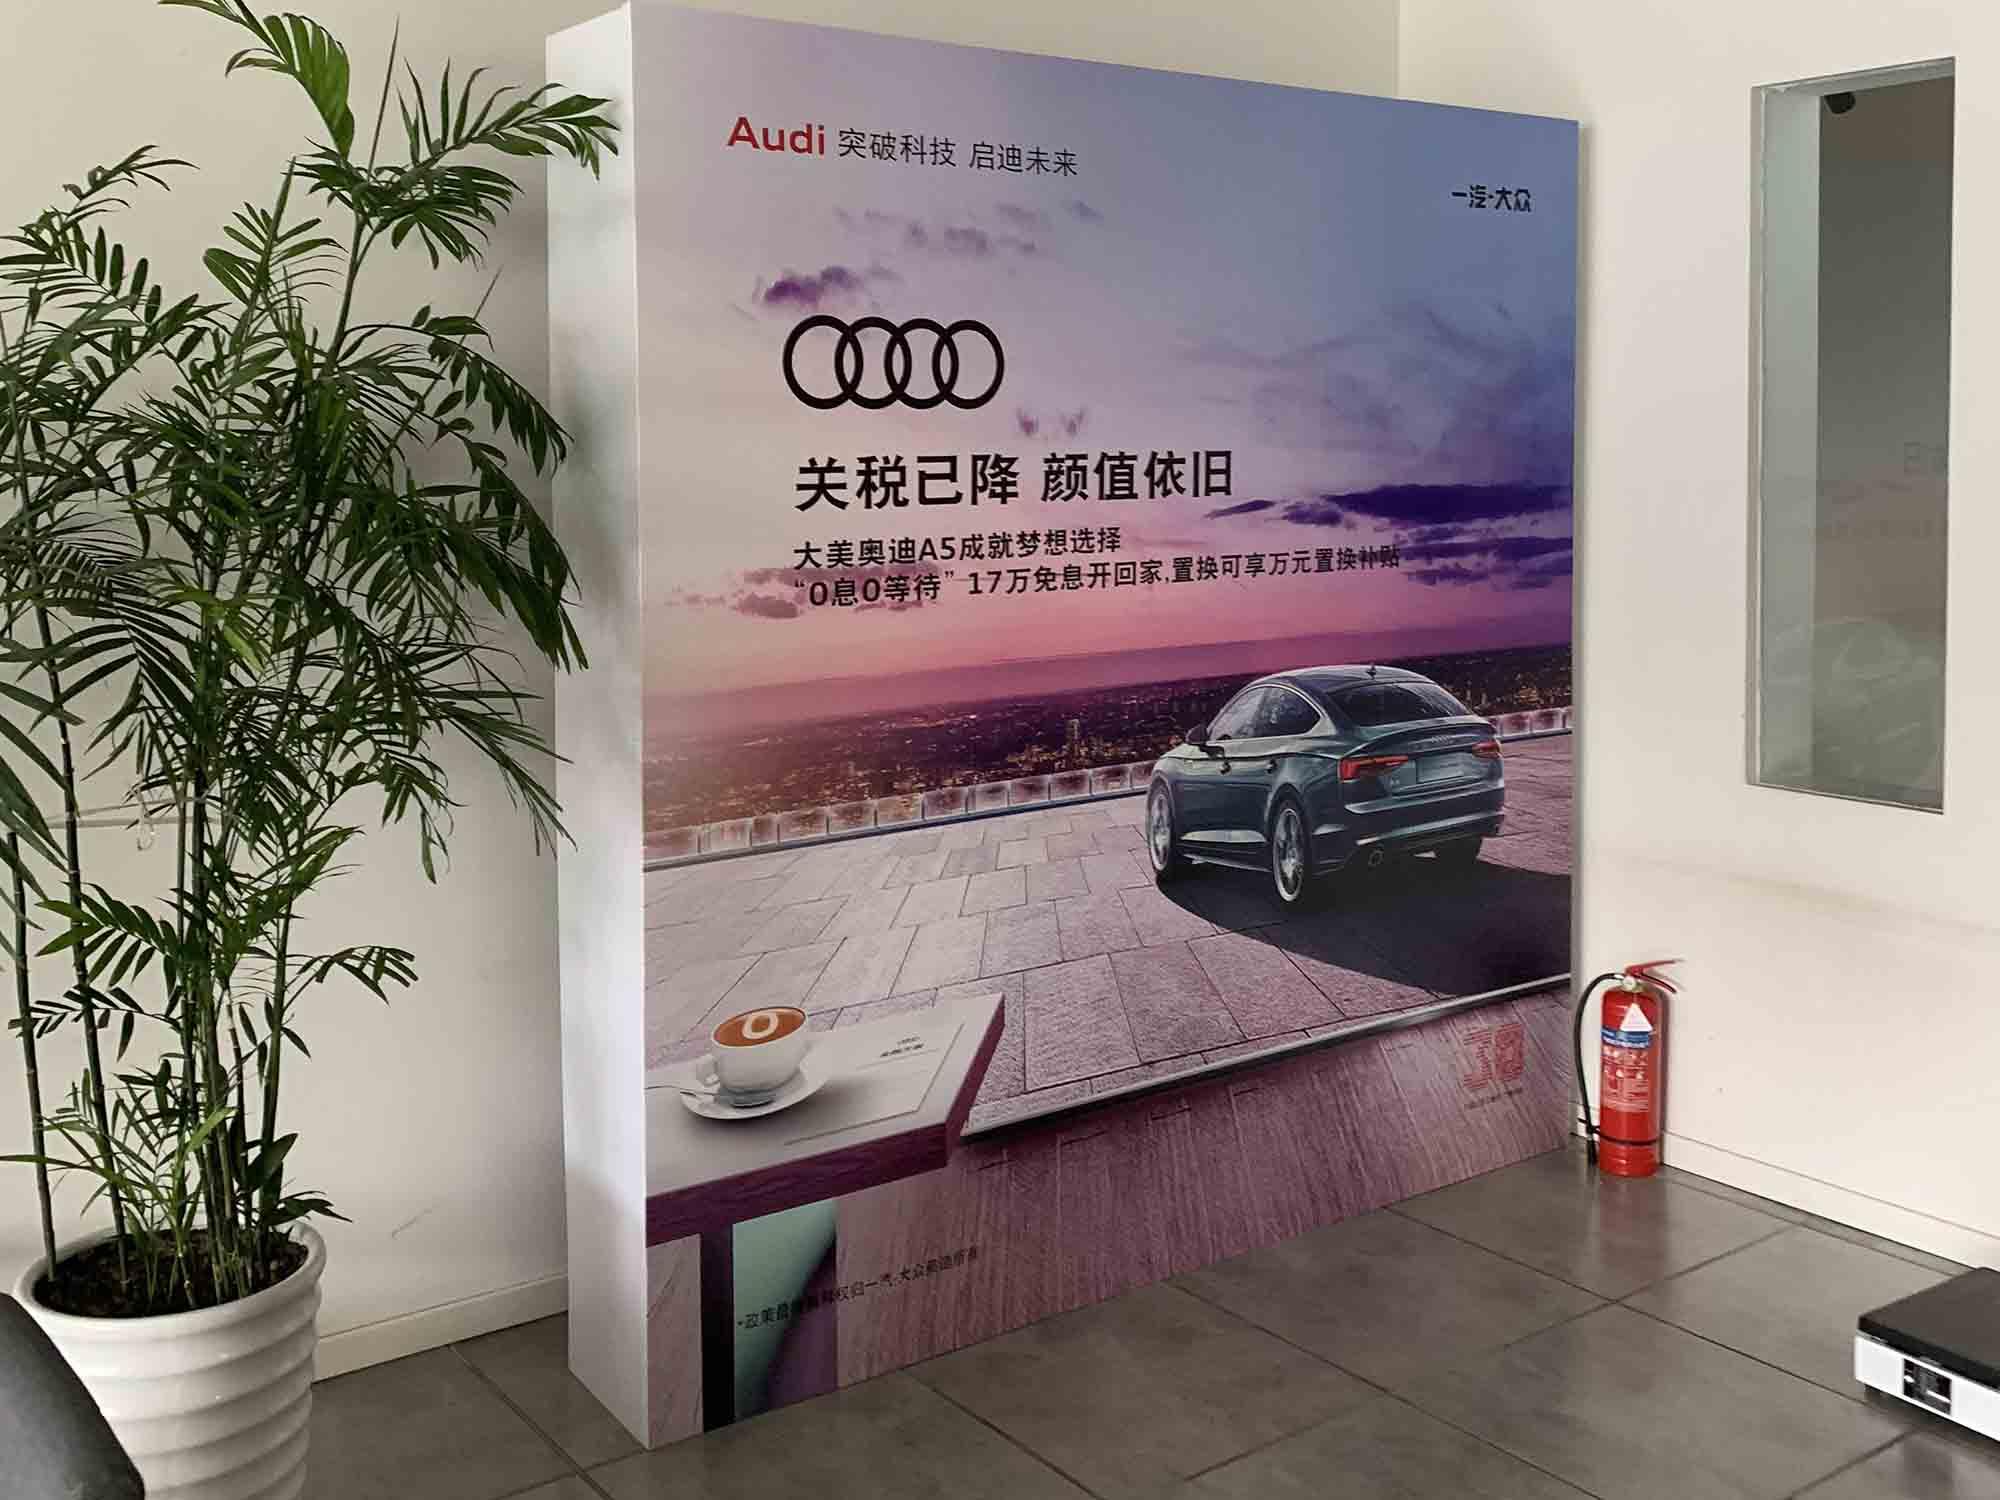 哈尔滨广告公司|哈尔滨喷绘物料制作